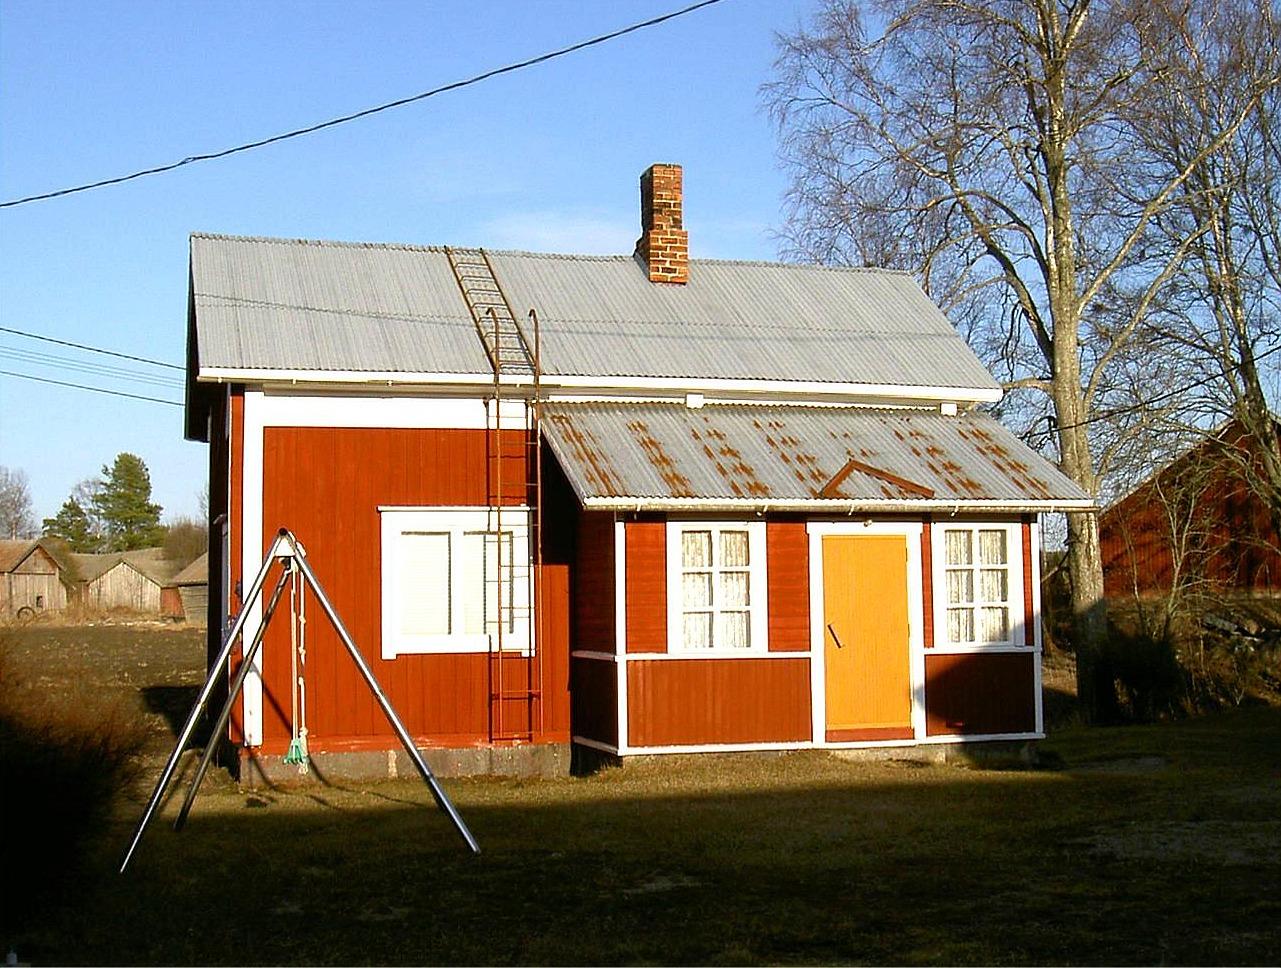 """Efter att Hilma Sandlund hade sålt hemmanet åt familjen Norrvik flyttade hon till lillstugan och hon bodde ensam där under en lång tid. Hilma dog år 2000 och hon var den sista som bodde i lillstugan. I vänstra kanten syns hennes barndomshem där """"Skomakas"""". Fotot från 2003."""